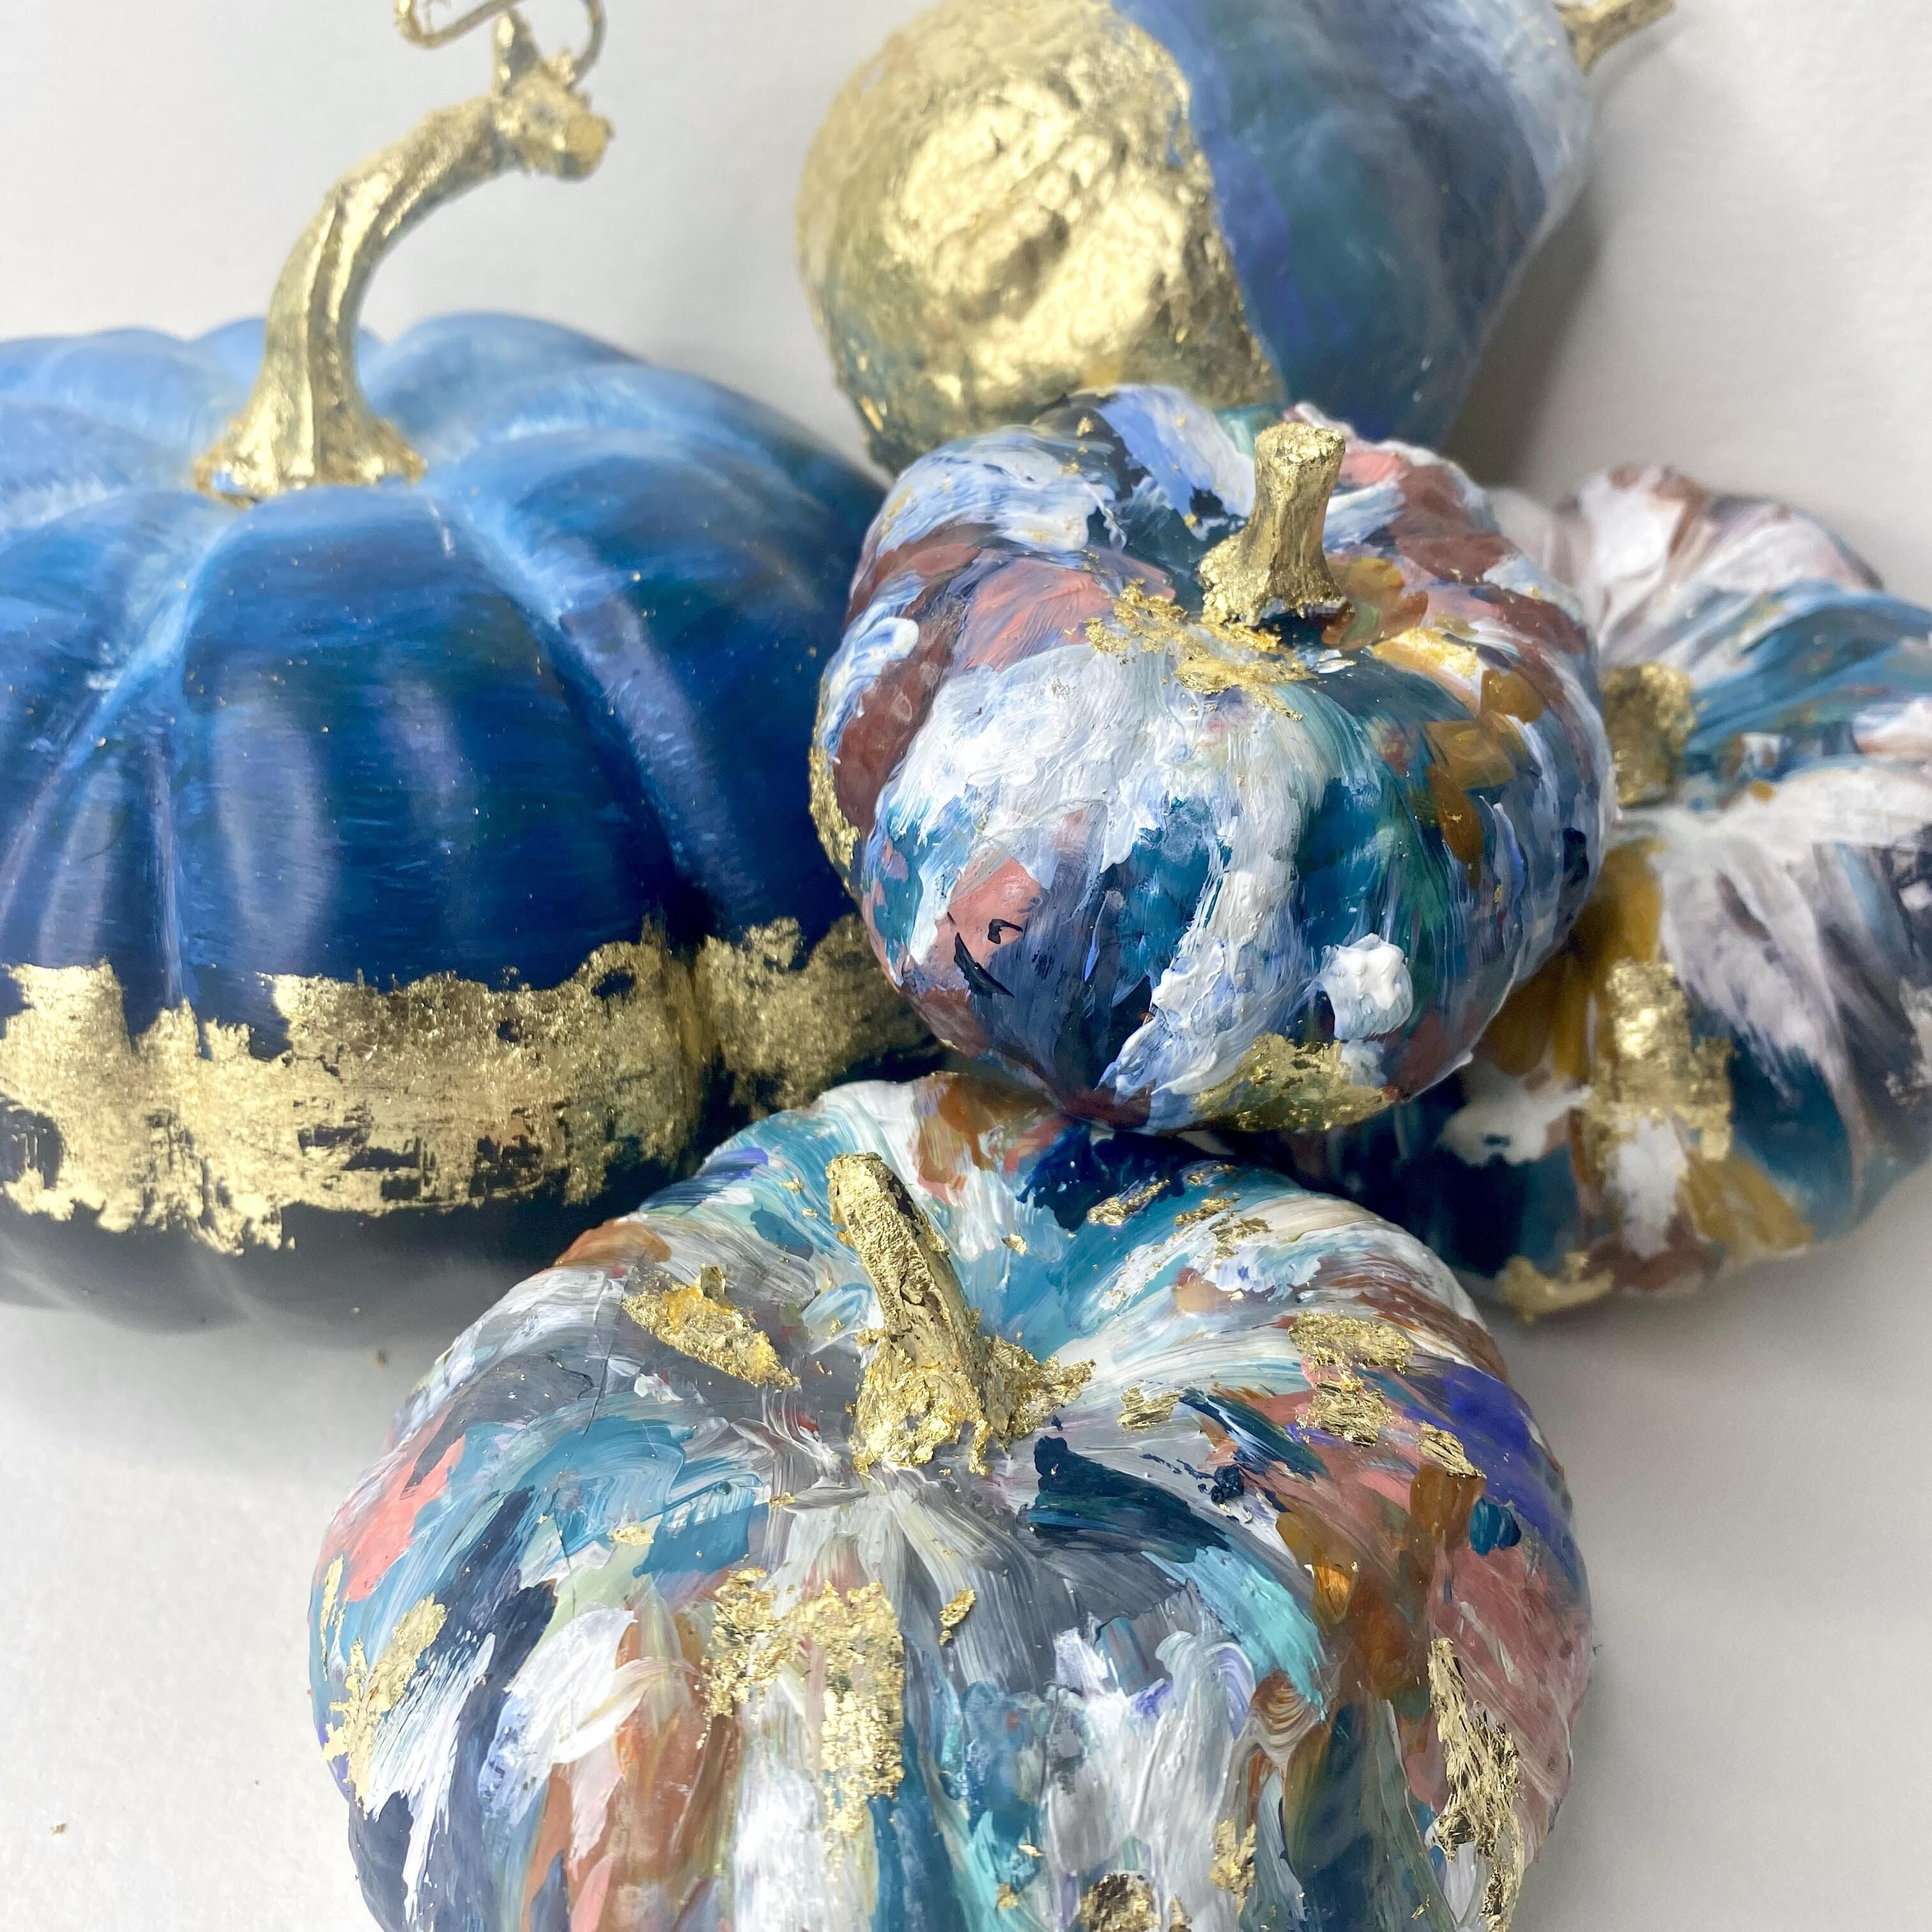 Abstract Mini Pumpkins